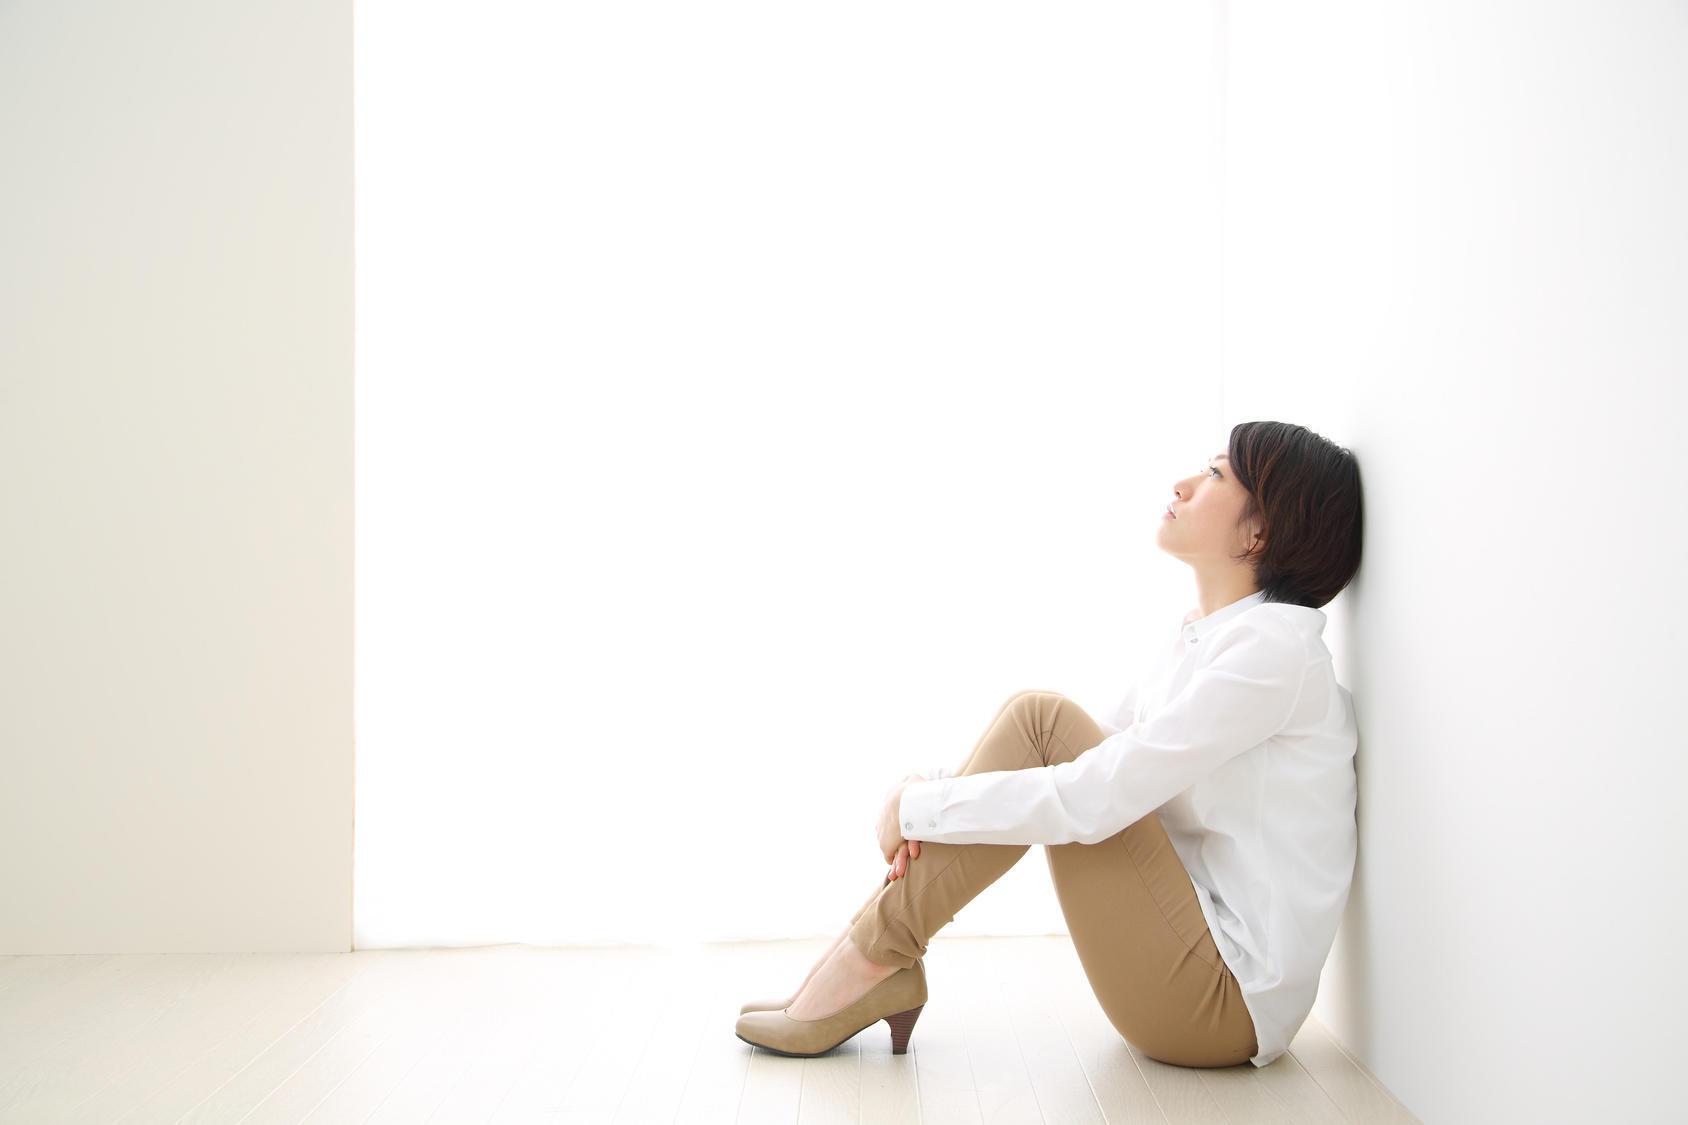 3月は自殺対策強化月間「誰も自殺に追い込まれることのない社会」へ 令和元年の自殺者数は2万人以下に